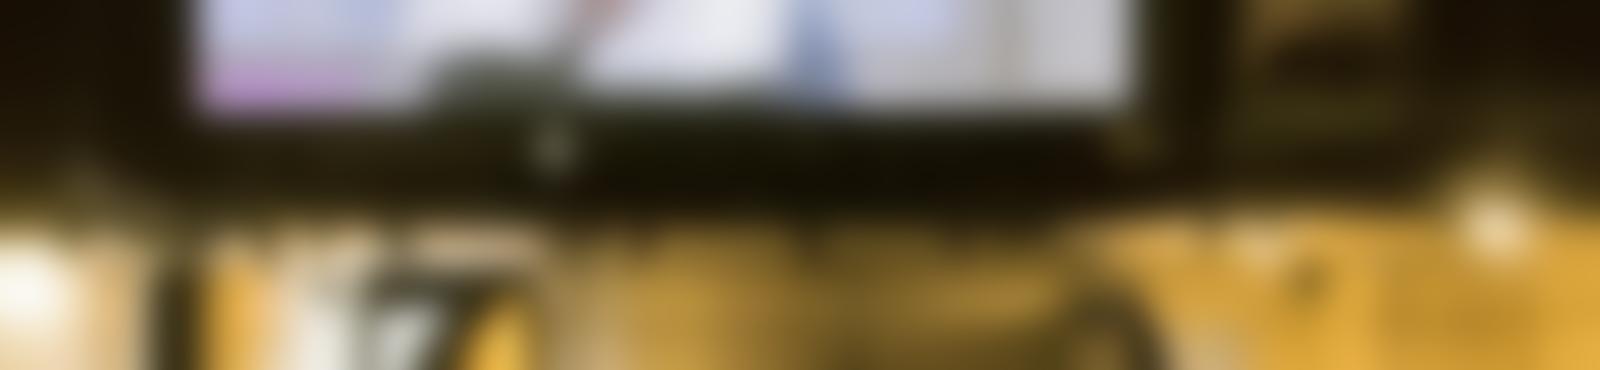 Blurred ef613e9d 40bd 41f6 8ac1 9b92de1538f1